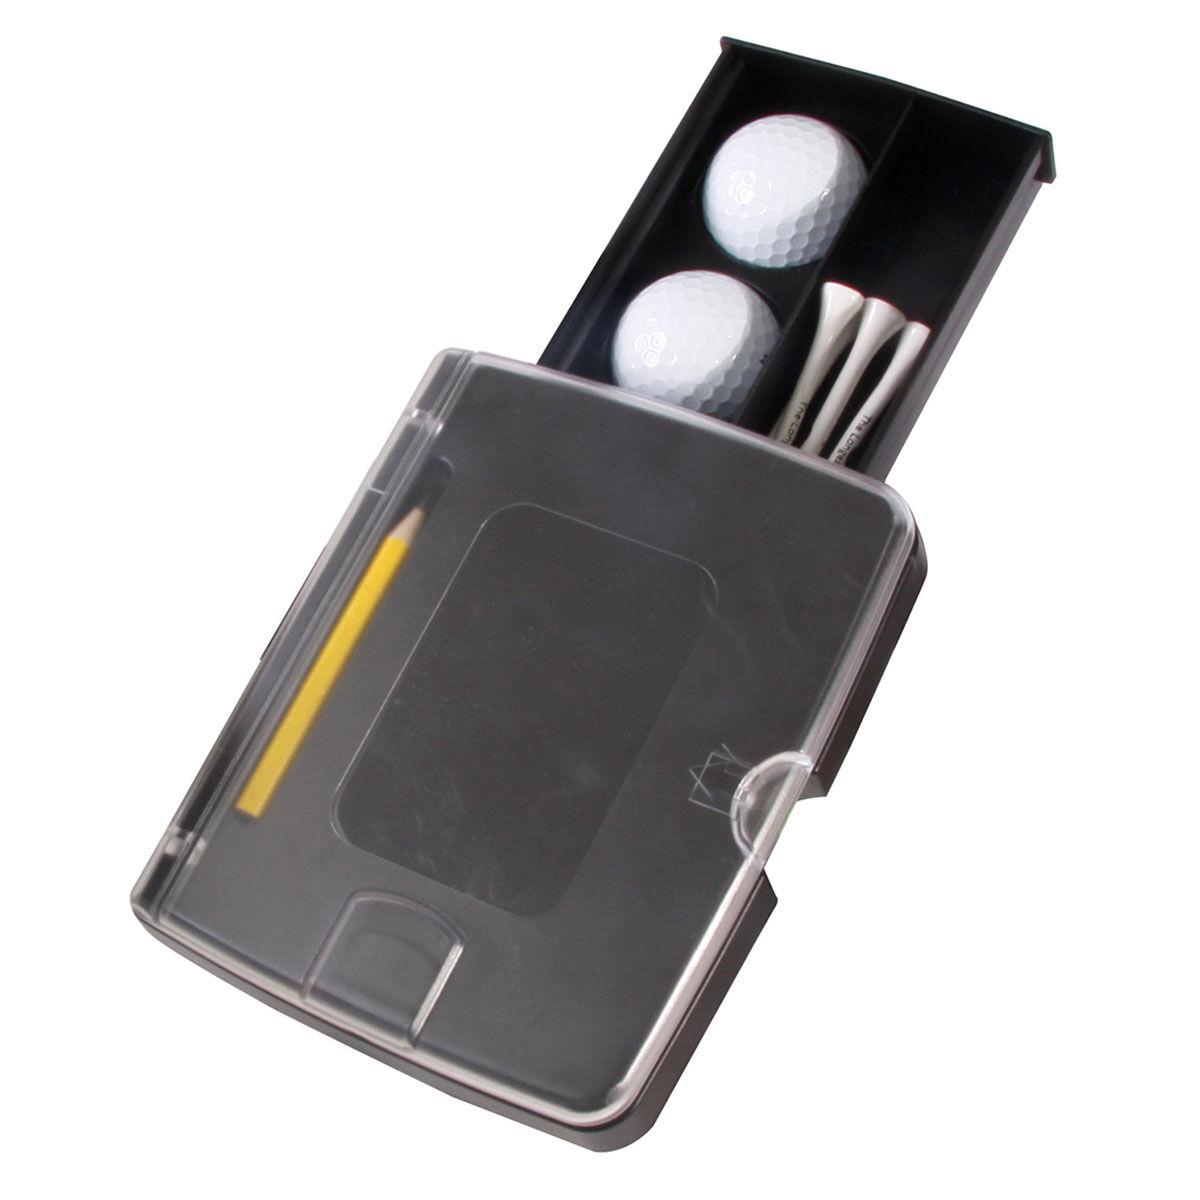 MGI Golf MGI Zip Scorecard Holder, Male, Black, One Size   American Golf